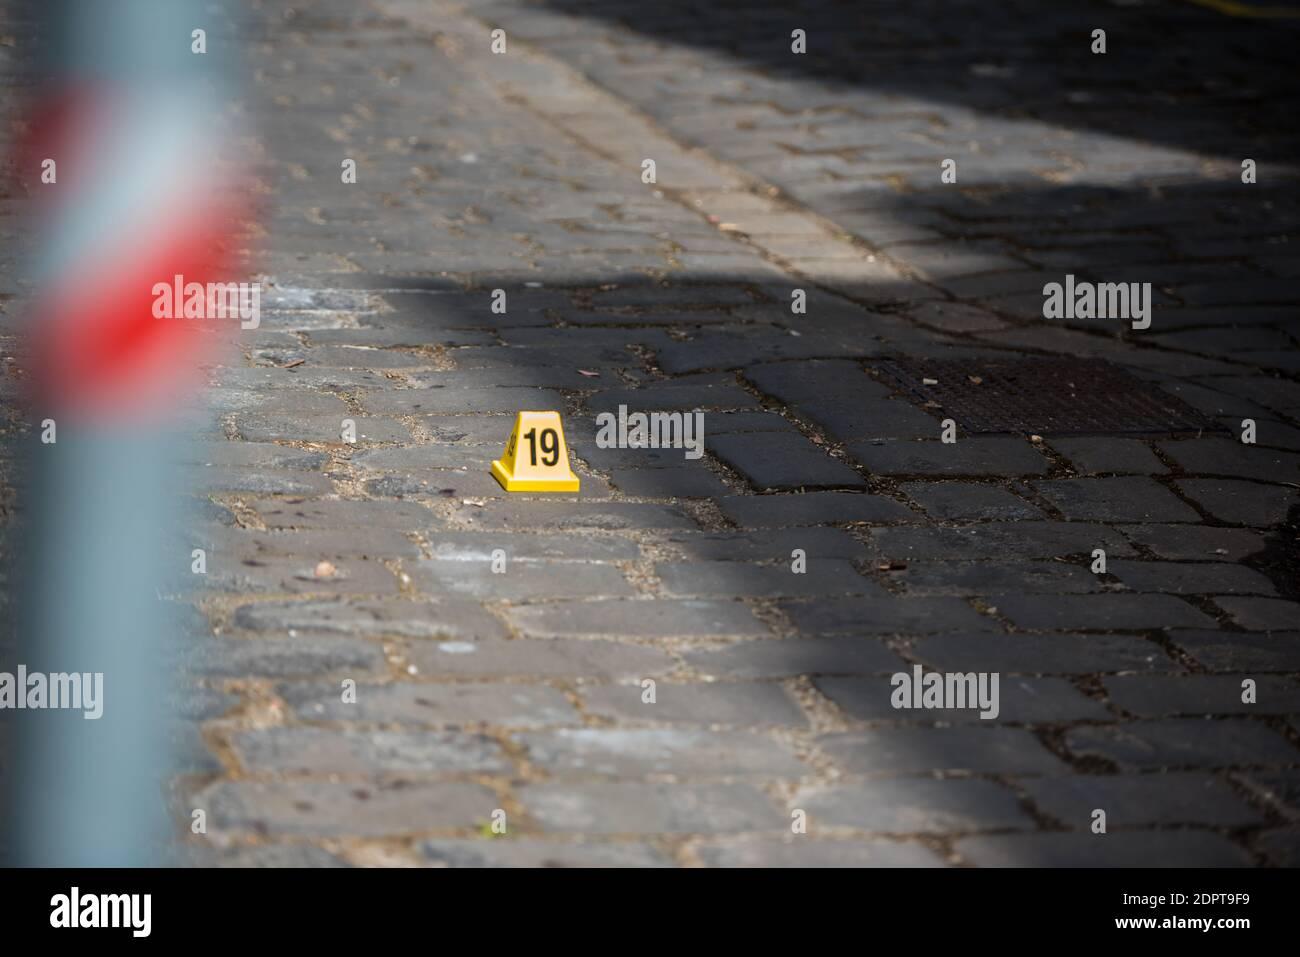 Melbourne, Australia. 19 dicembre 2020. Segni di sangue lasciato su strada di mattoni in un vicolo vicino famoso spot.A notte è stato trovato un uomo con gravi lesioni sulle sue mani e dopo un'indagine di polizia è stato trovato per essere un 'incidente medico' dove le lesioni sono stati auto-inflitti rapporti di polizia. Credit: SOPA Images Limited/Alamy Live News Foto Stock